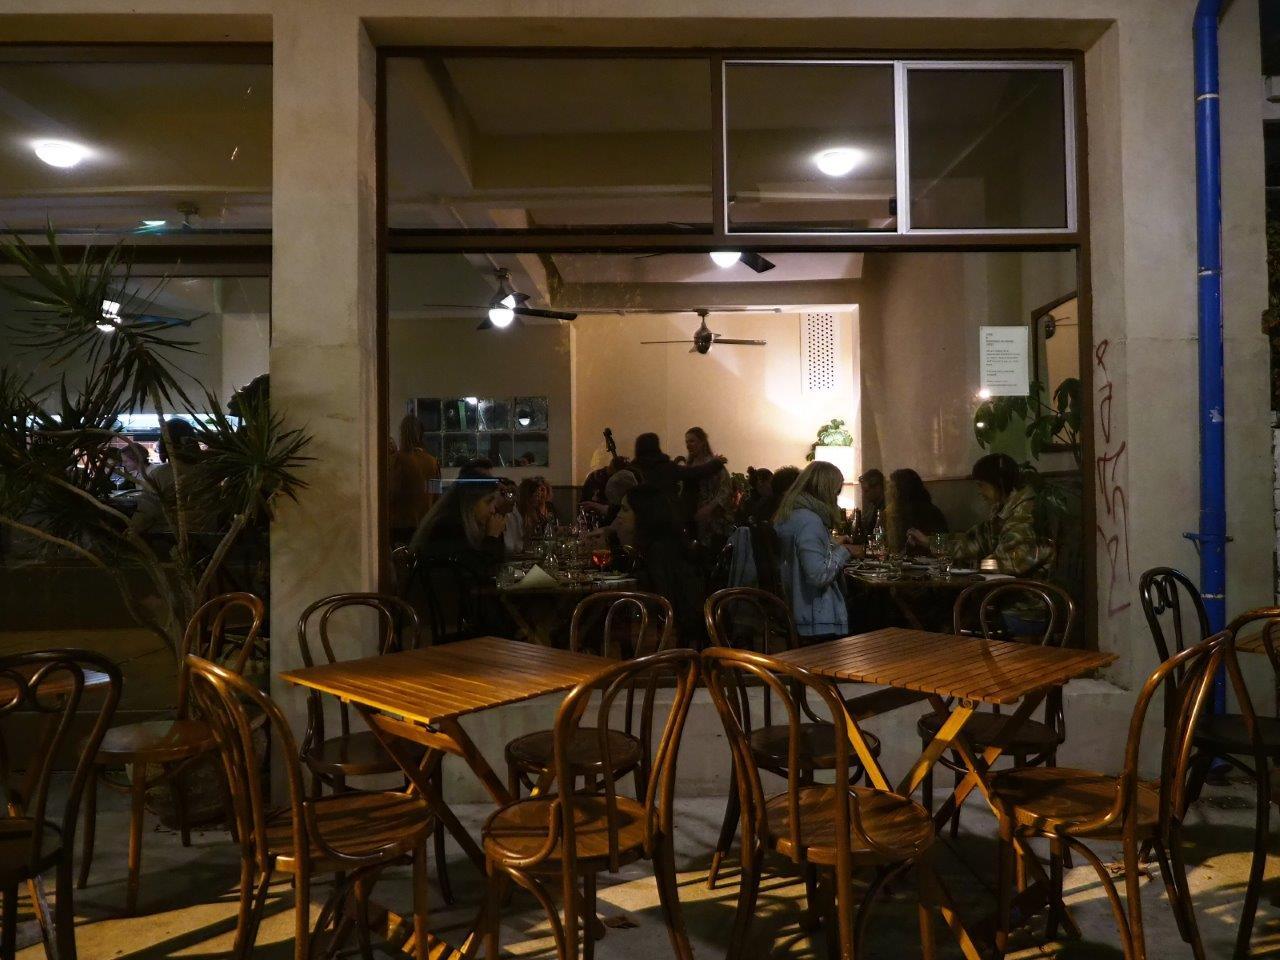 Busy night at Madalena's